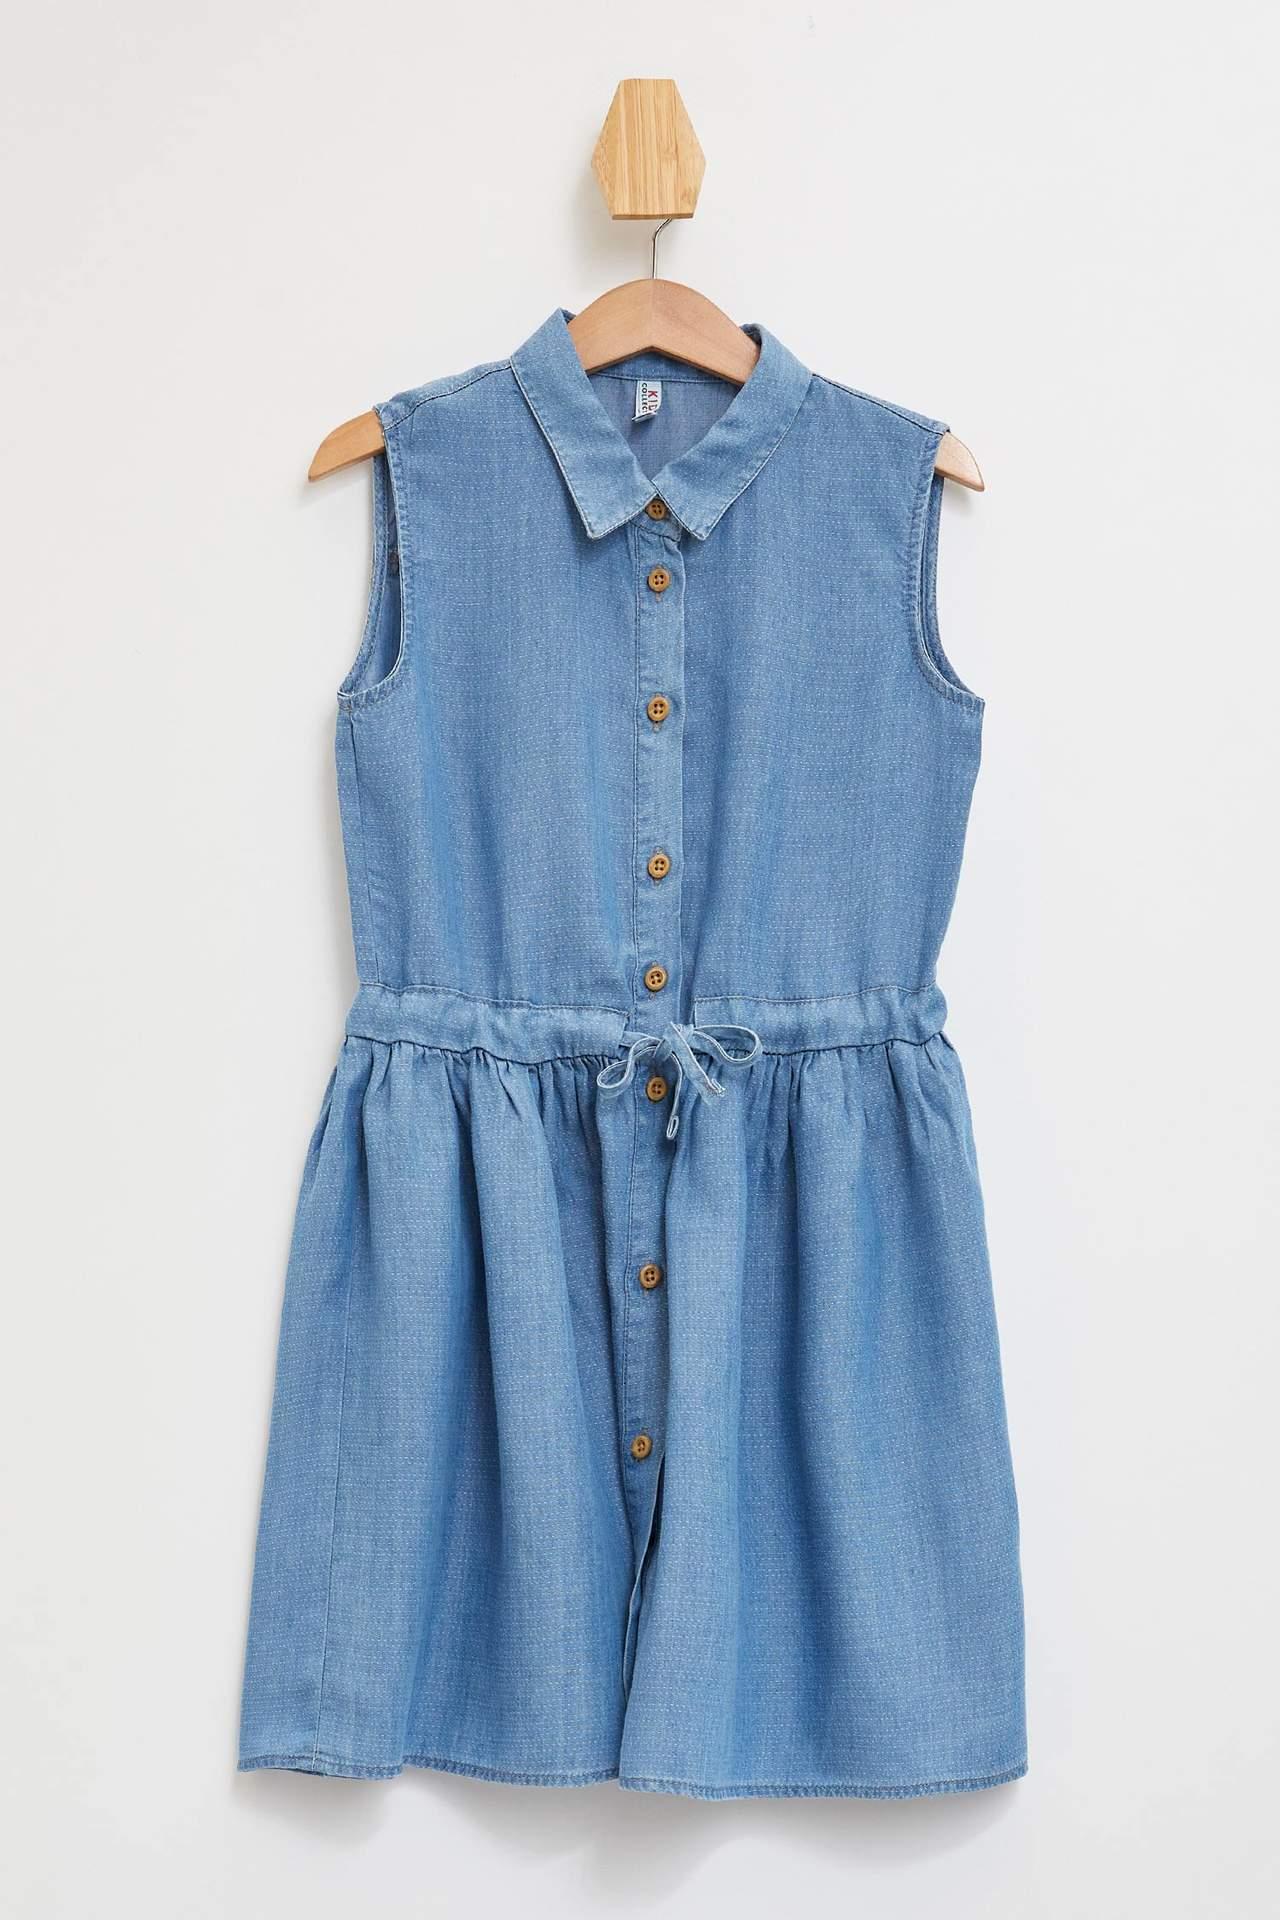 DeFacto Kız Çocuk Kolsuz Düğmeli Jean Elbise Mavi female